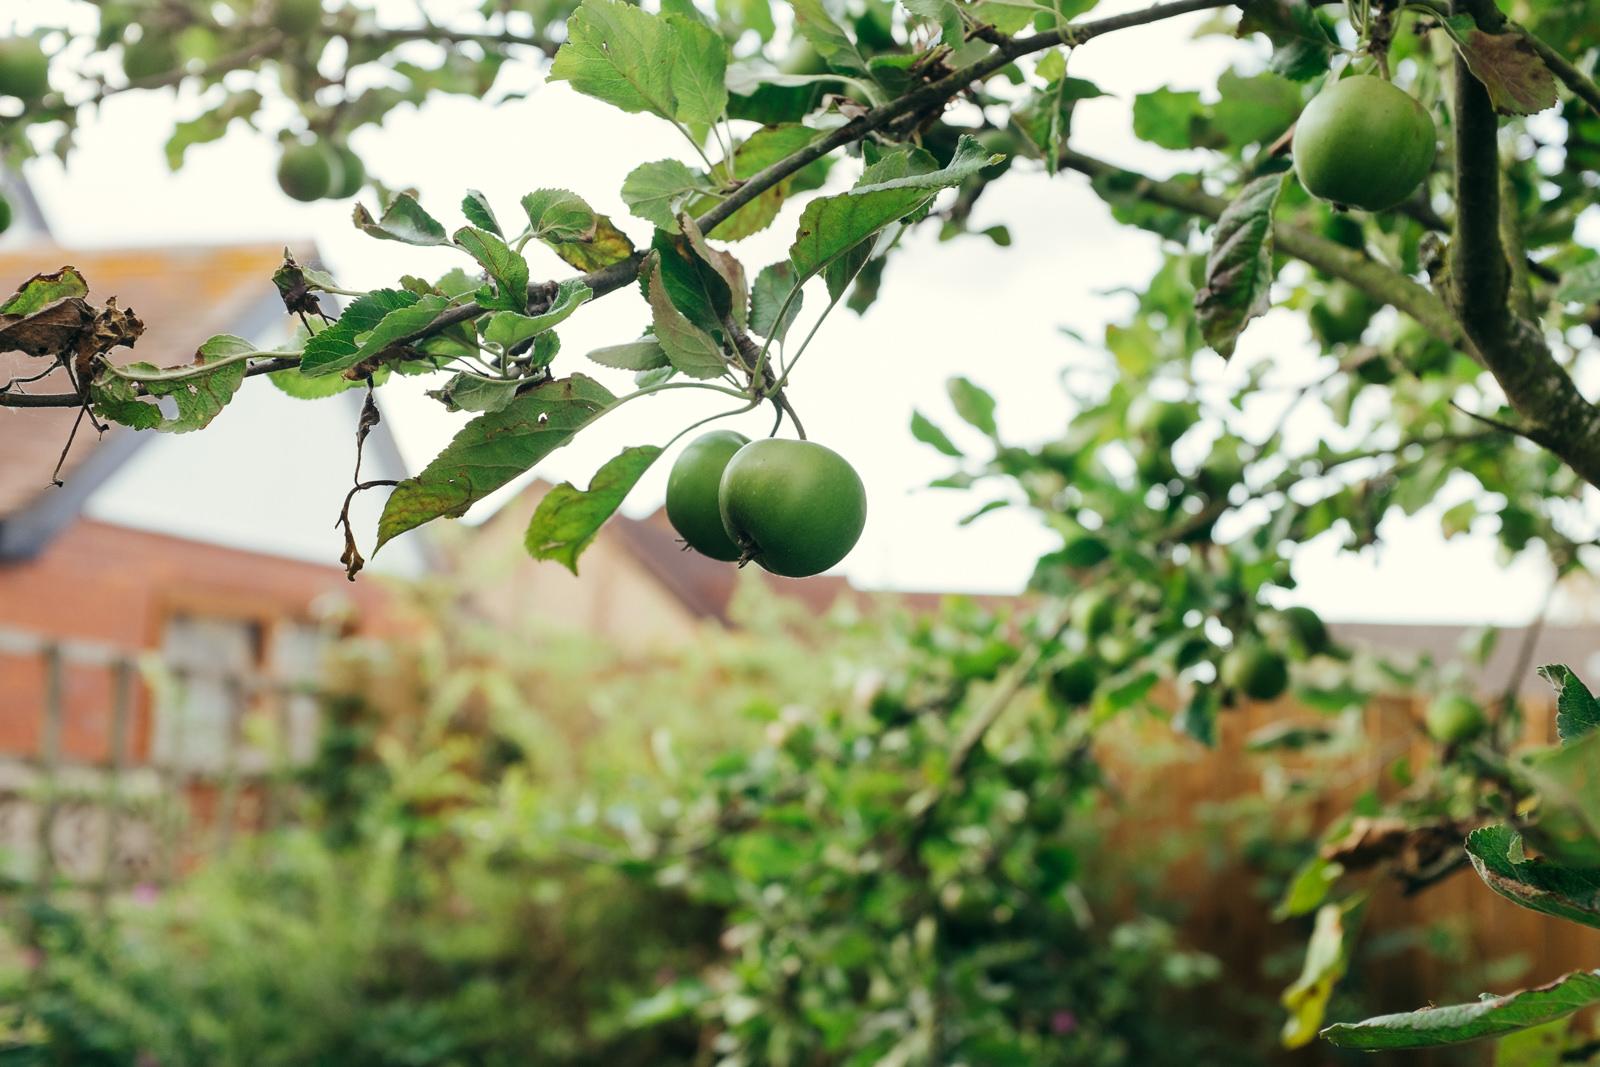 apple-picking-in-the-garden-08.jpg